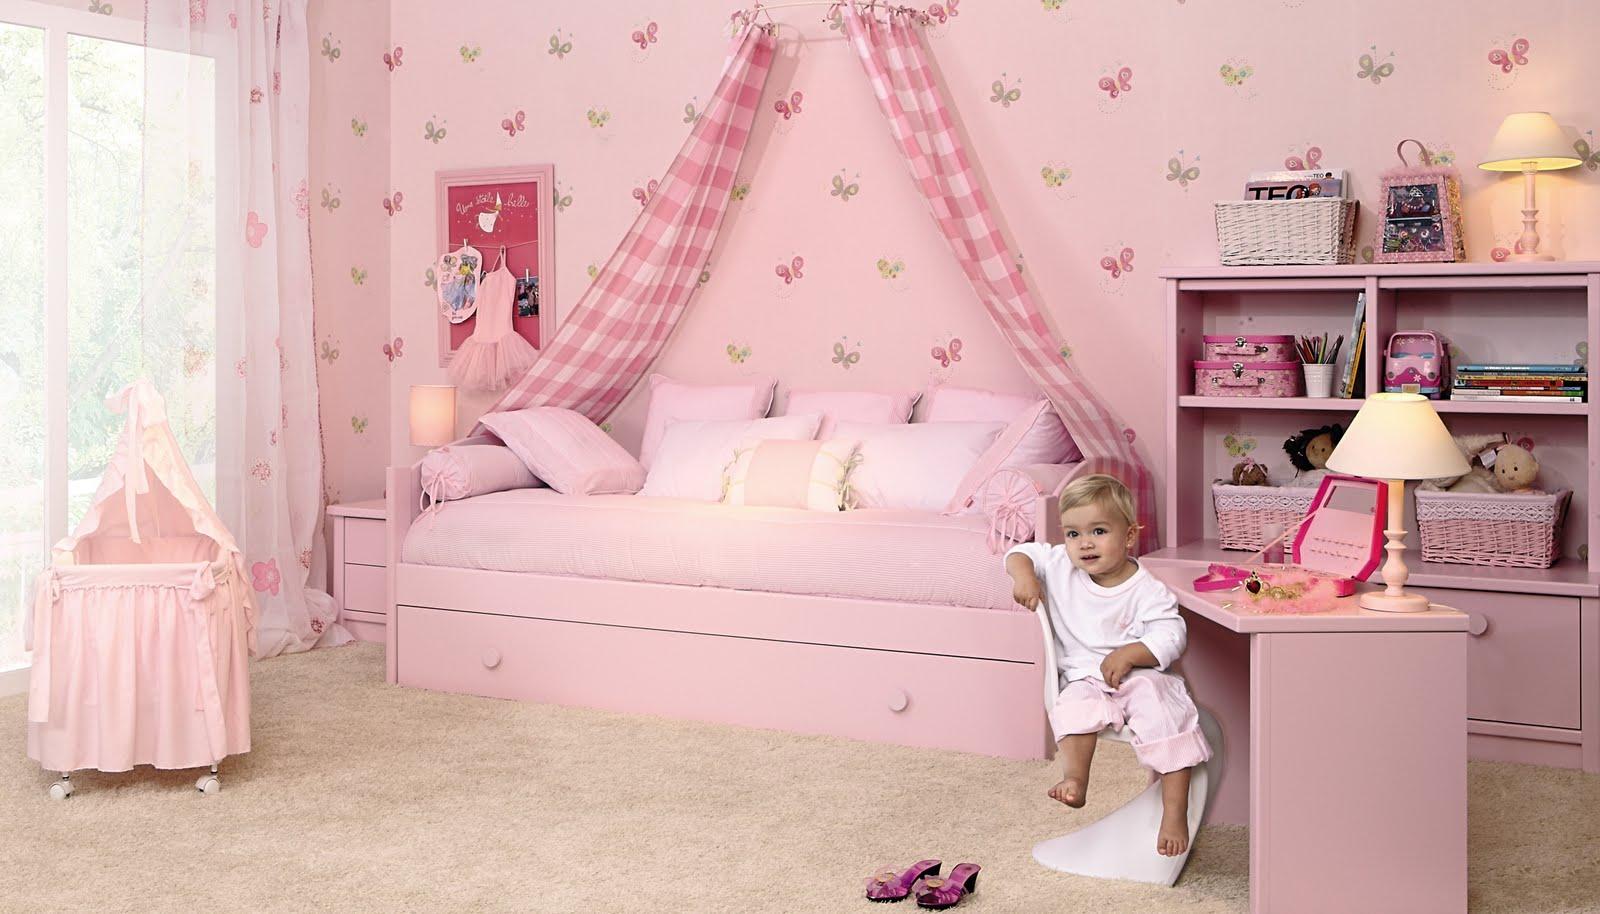 Dormitorios mediterraneo asoral - Habitaciones infantiles ninos 4 anos ...